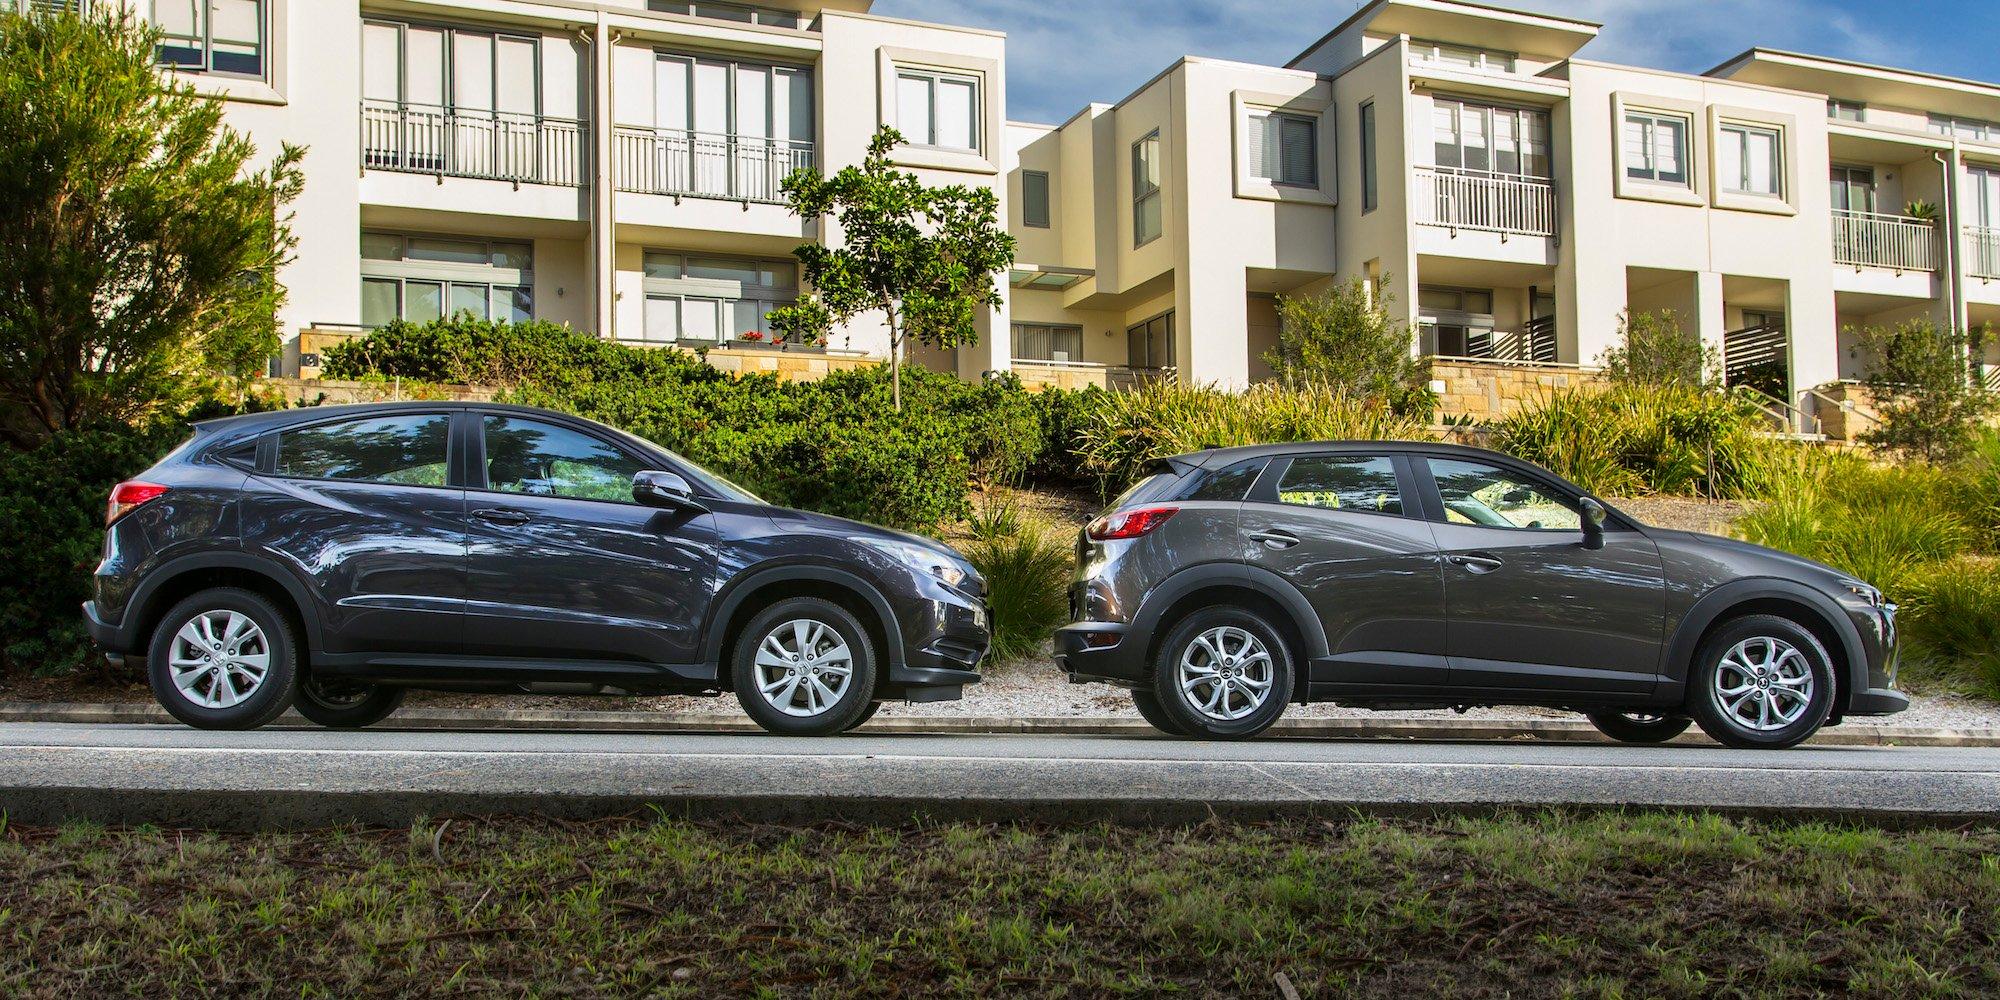 Cx 3 Vs Hrv >> Honda Hr V Vti V Mazda Cx 3 Maxx Comparison Review Photos 1